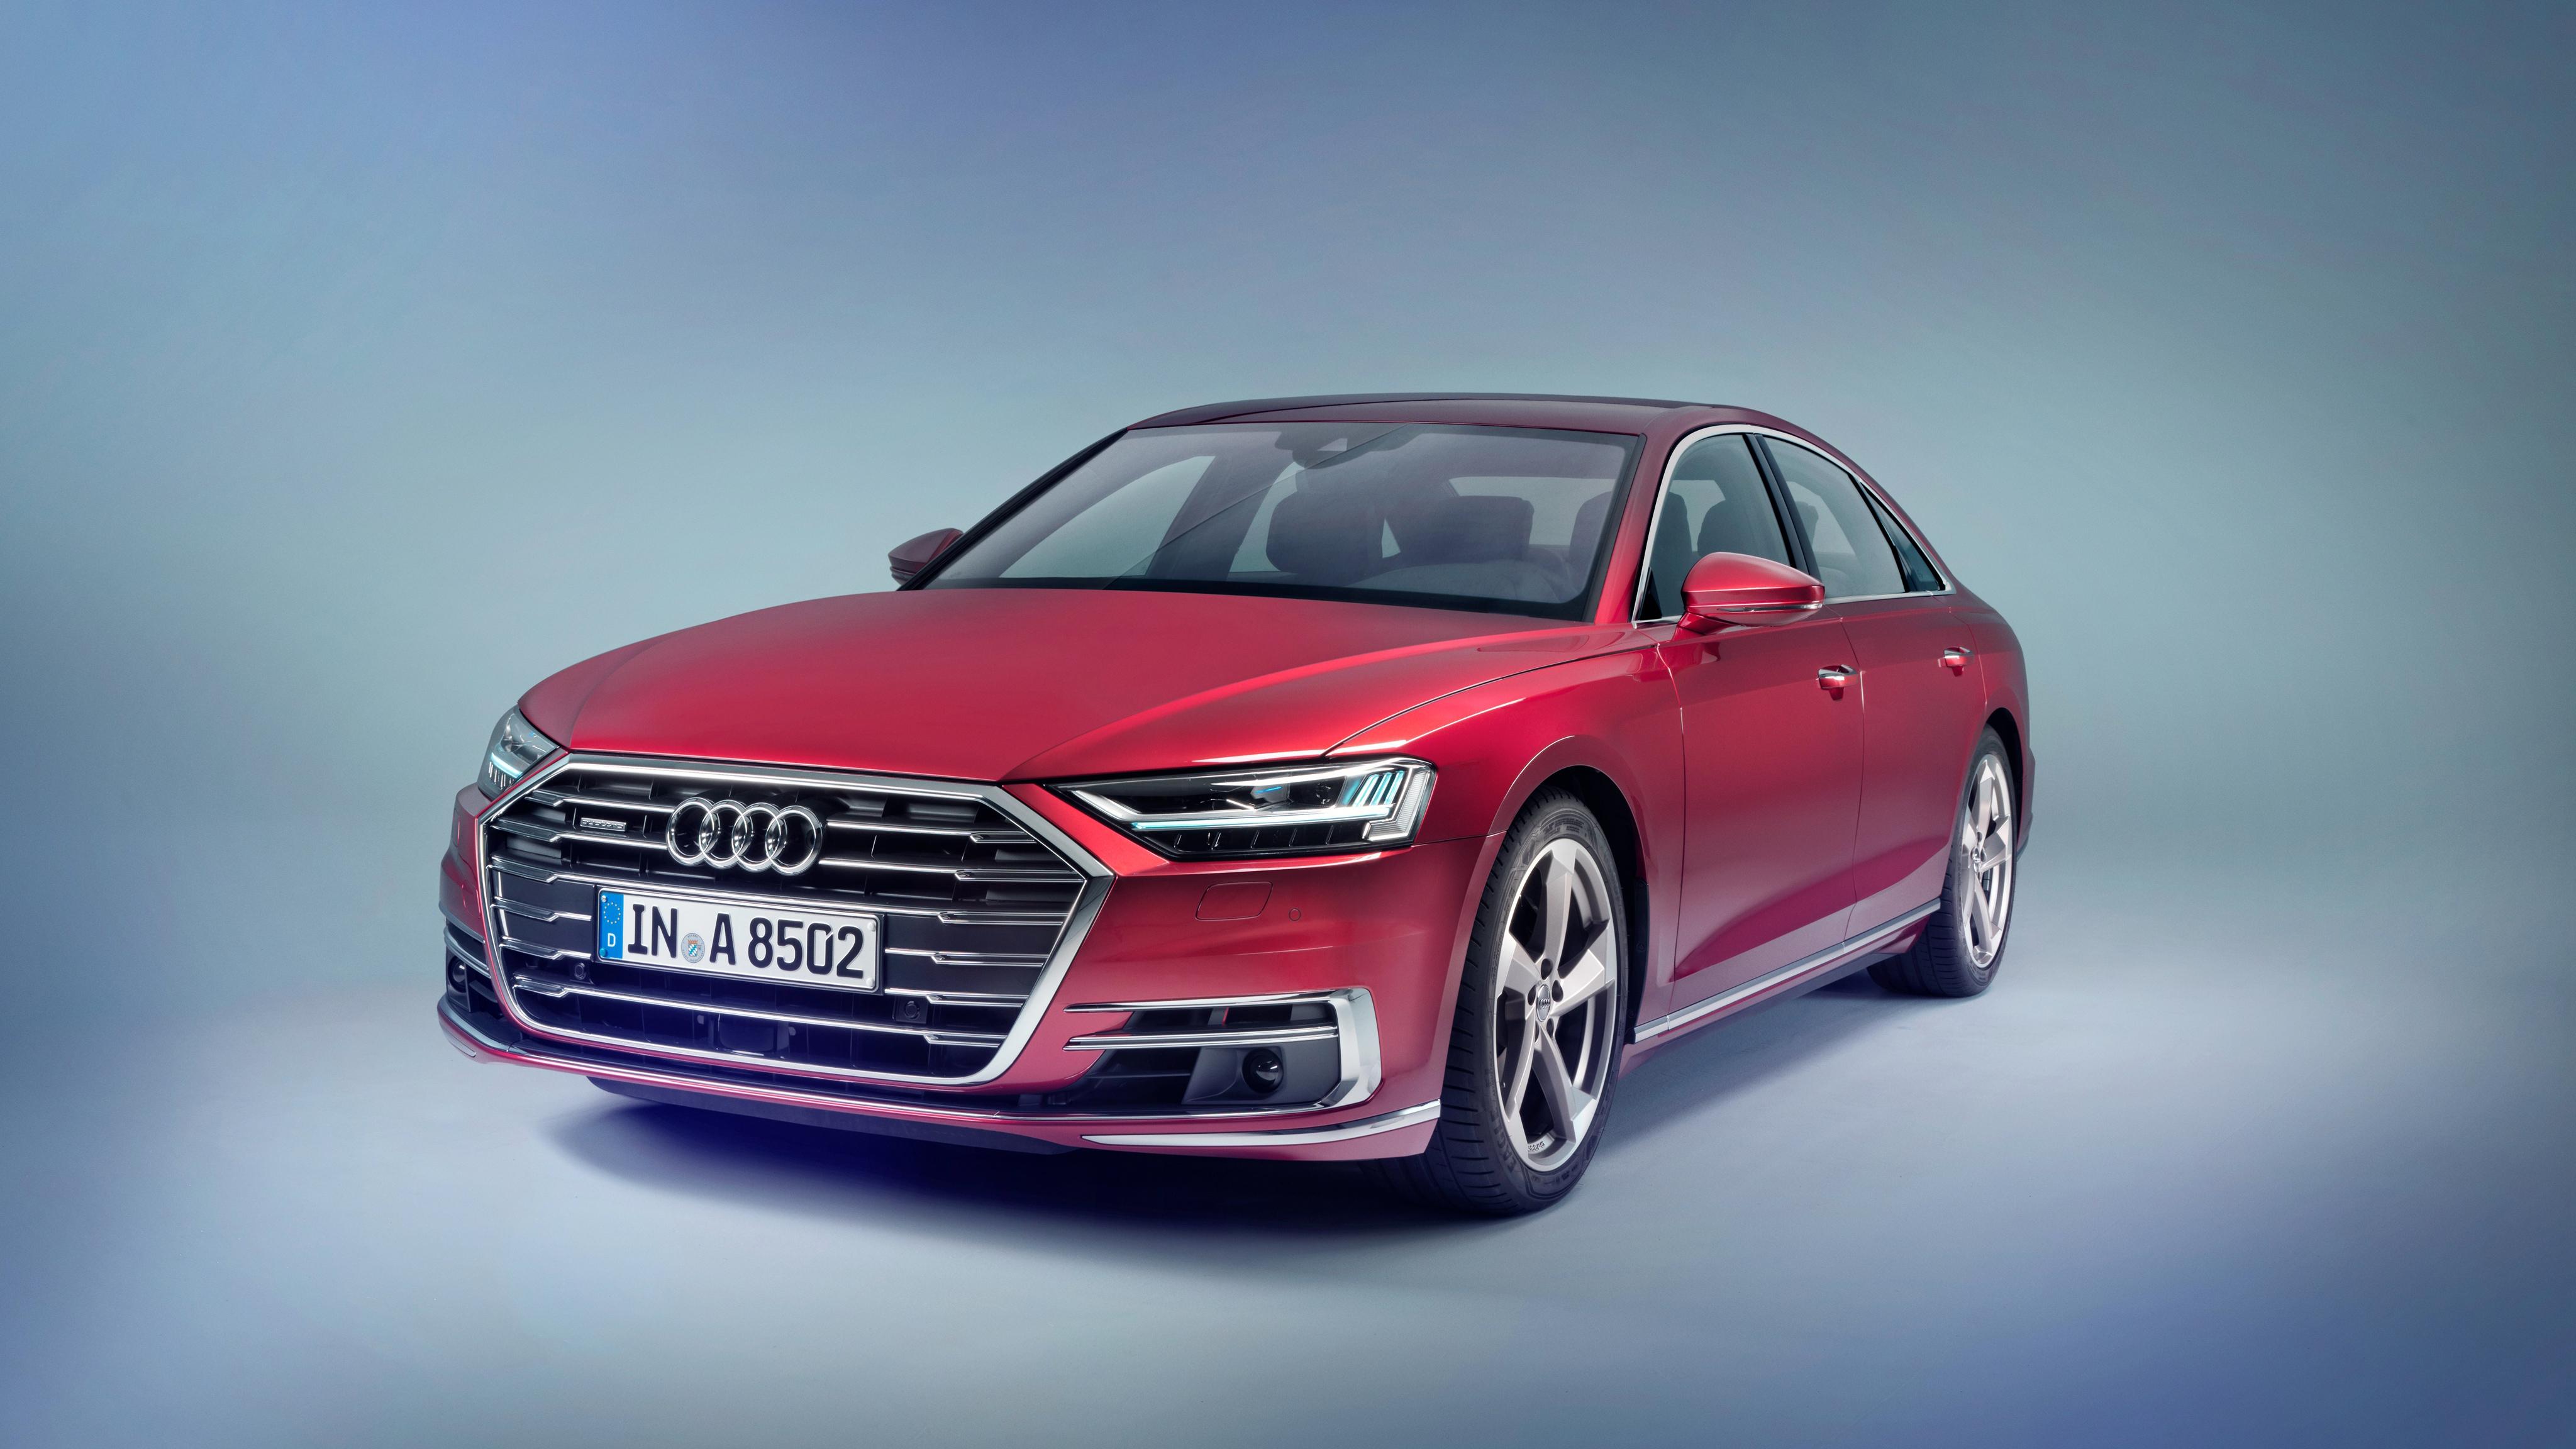 Audi A8 Tdi Quattro 2017 4k Wallpaper Hd Car Wallpapers Id 7944